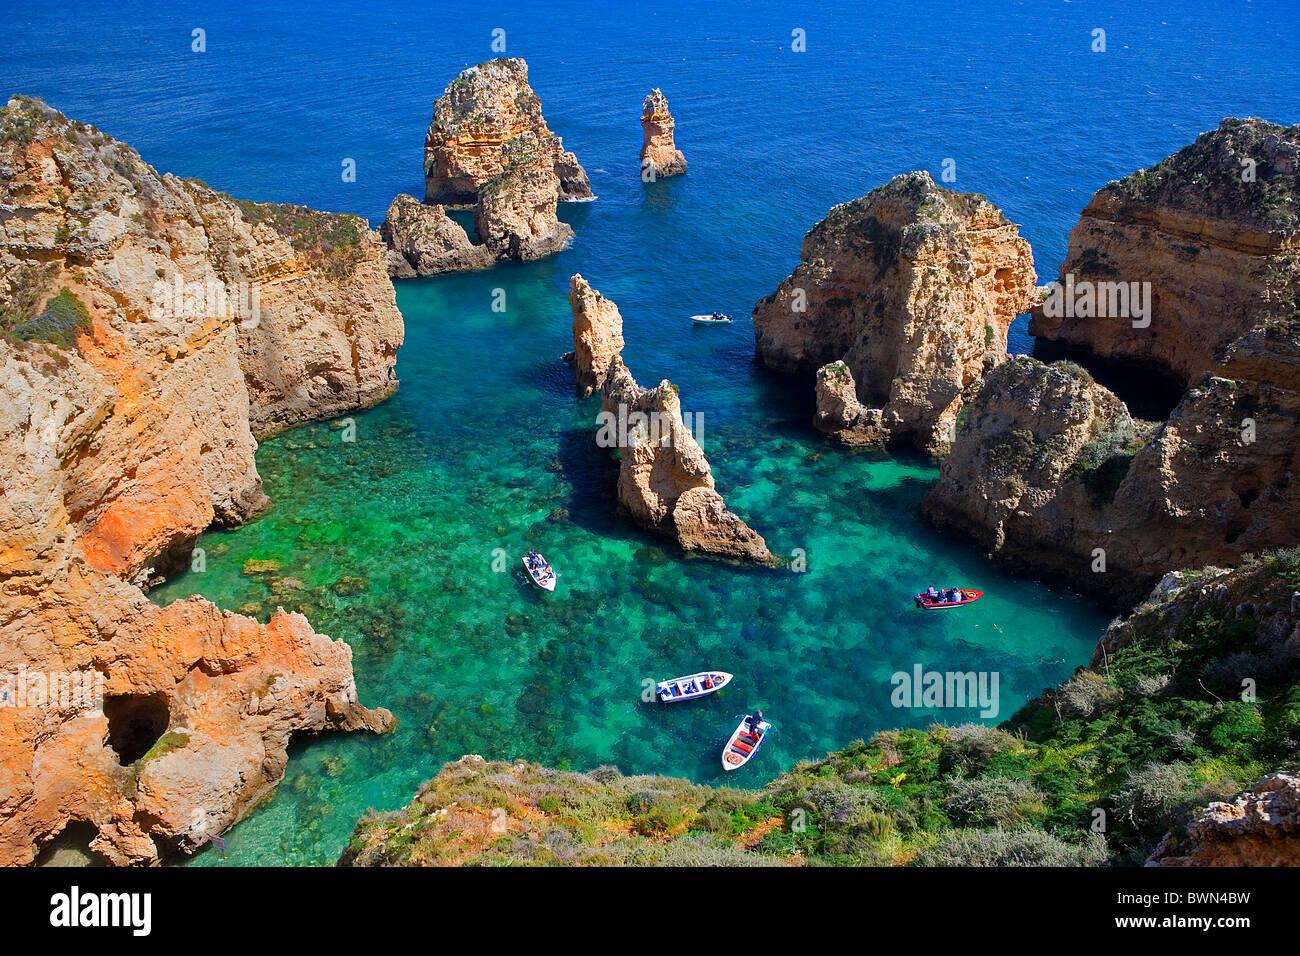 Il portogallo Europa Regione Algarve paesaggio oceano mare rocky rock water persone spiaggia vacanza vacanze Immagini Stock